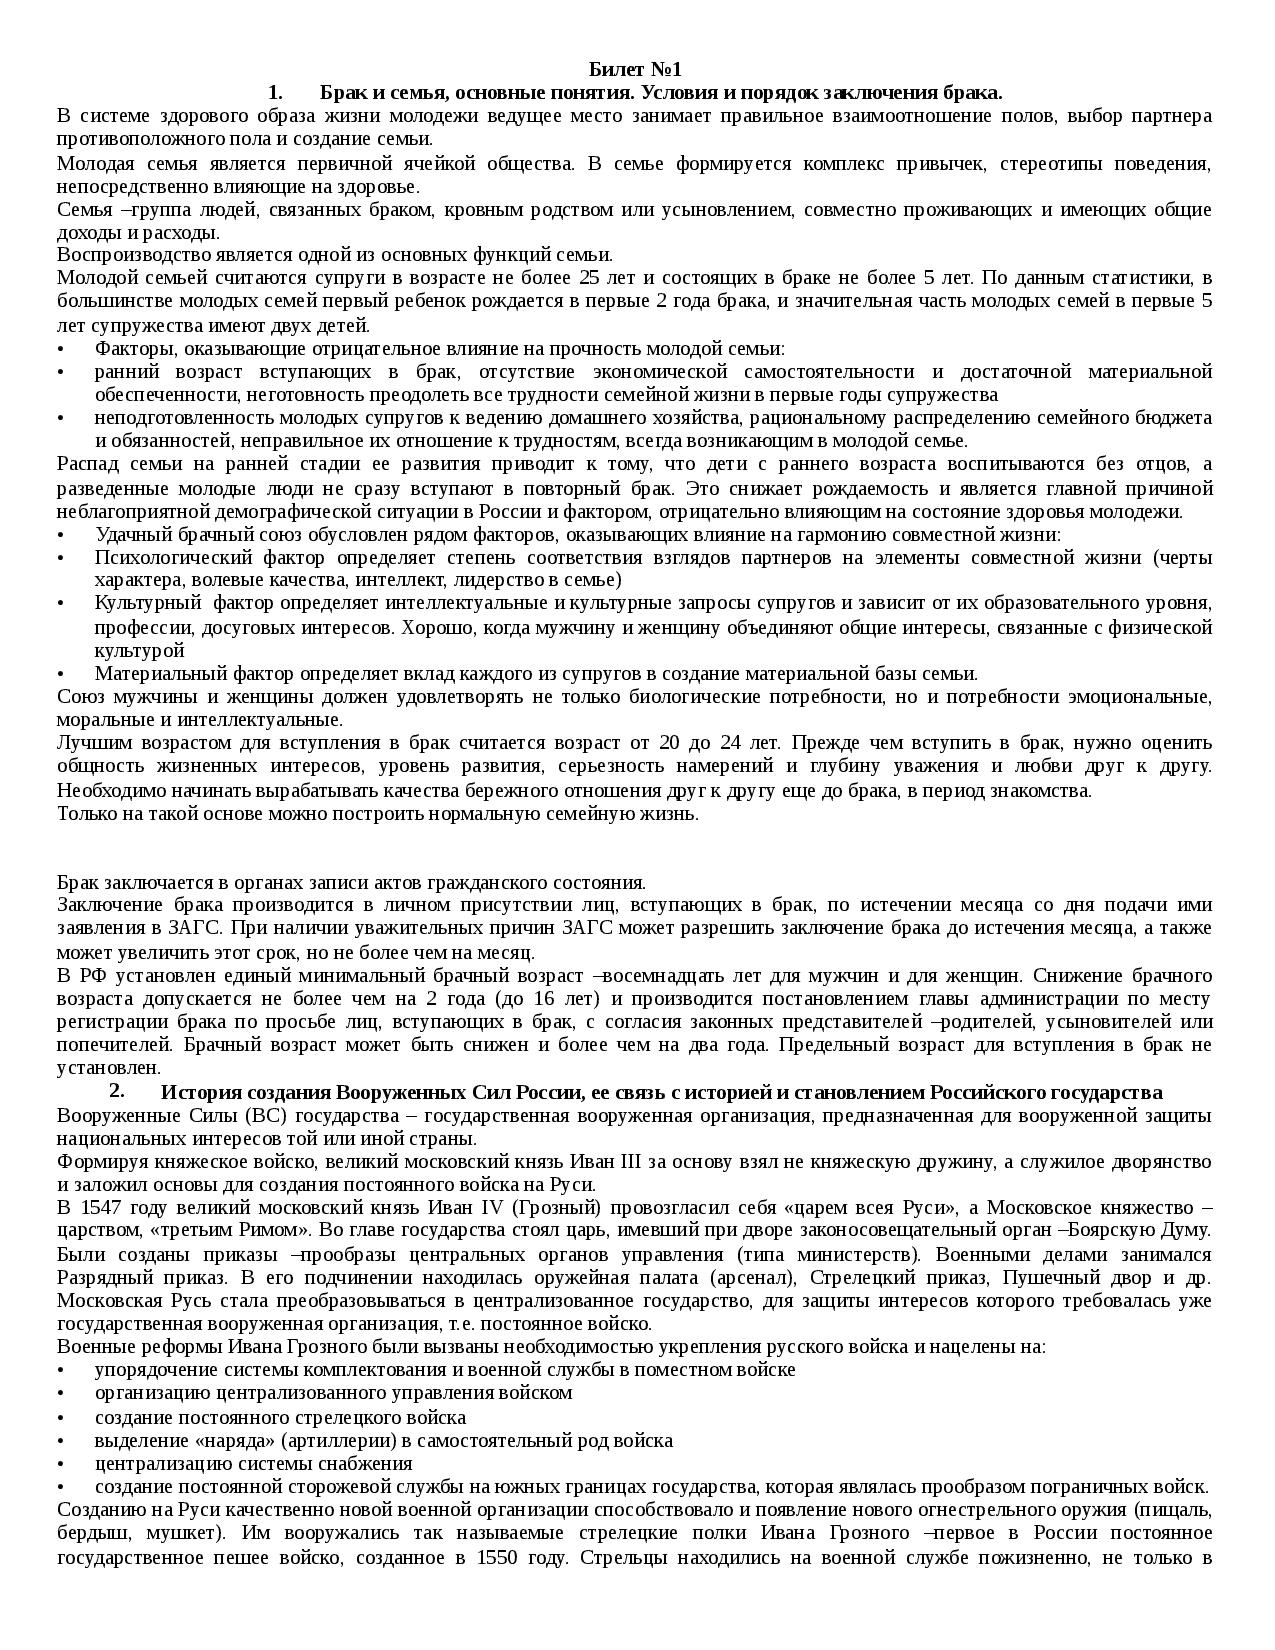 Понятие и правовая природа брака. порядок заключения брака (стр. 1 из 2)